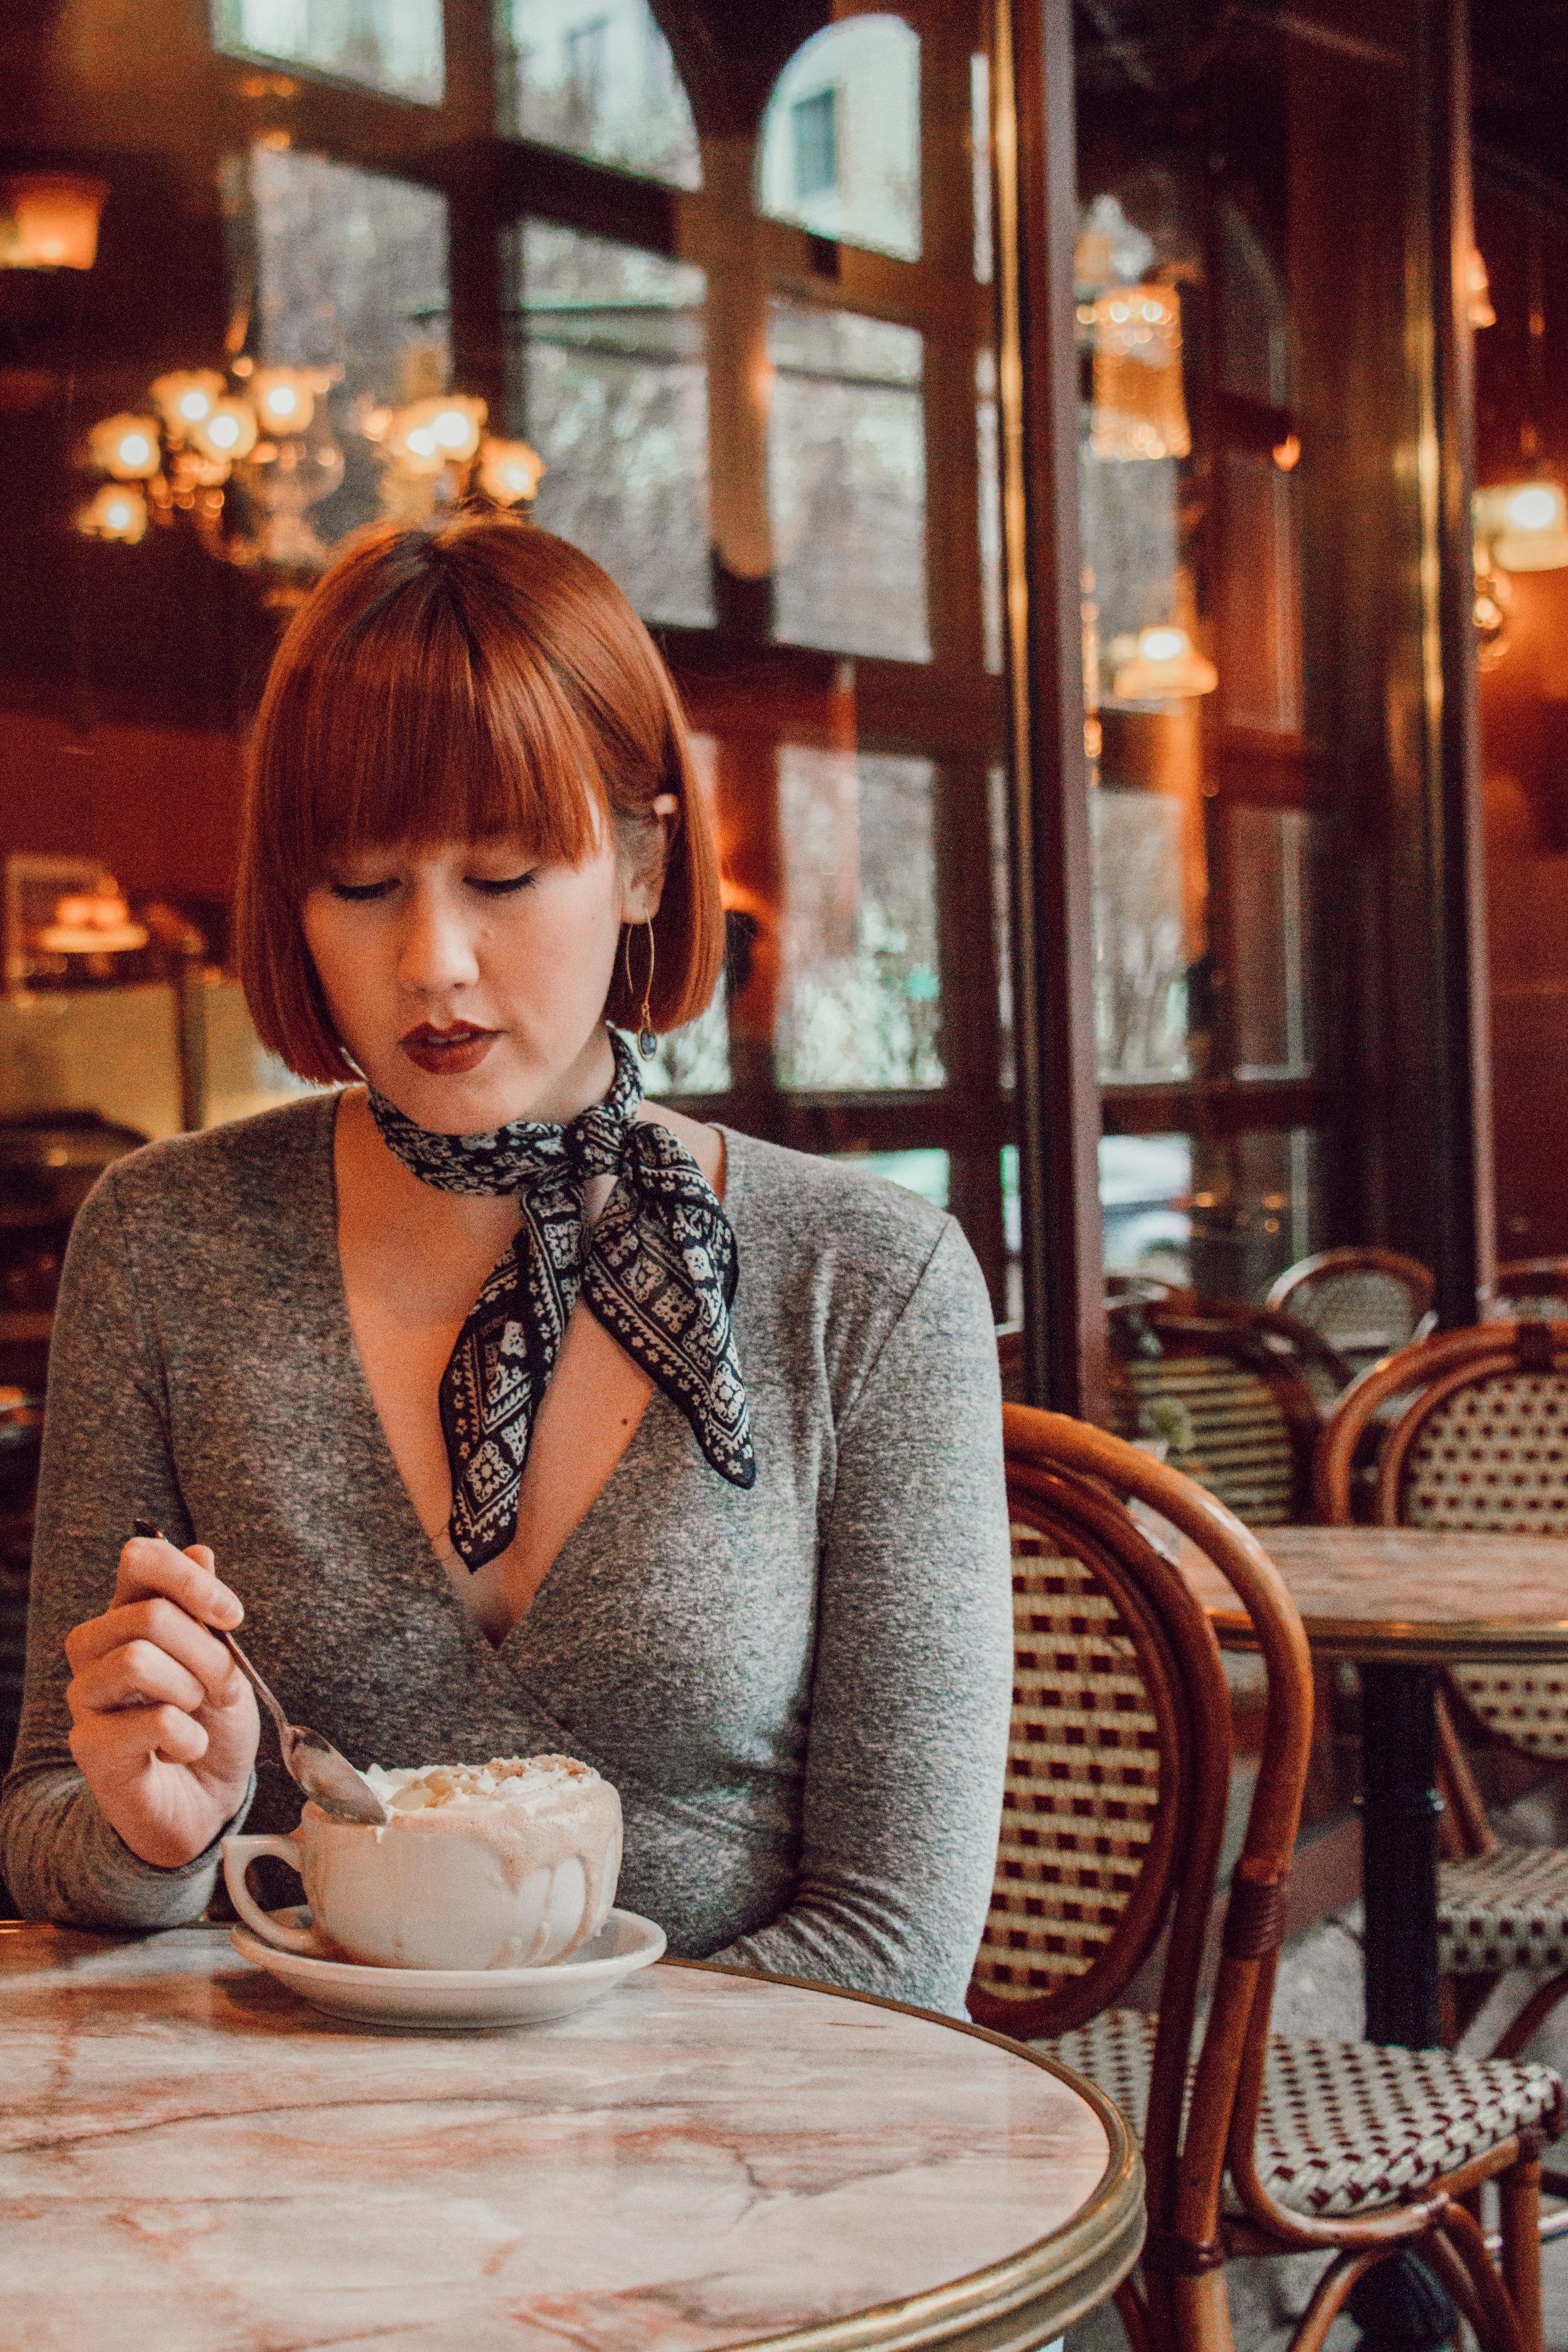 cafe_intermezzo.jpg